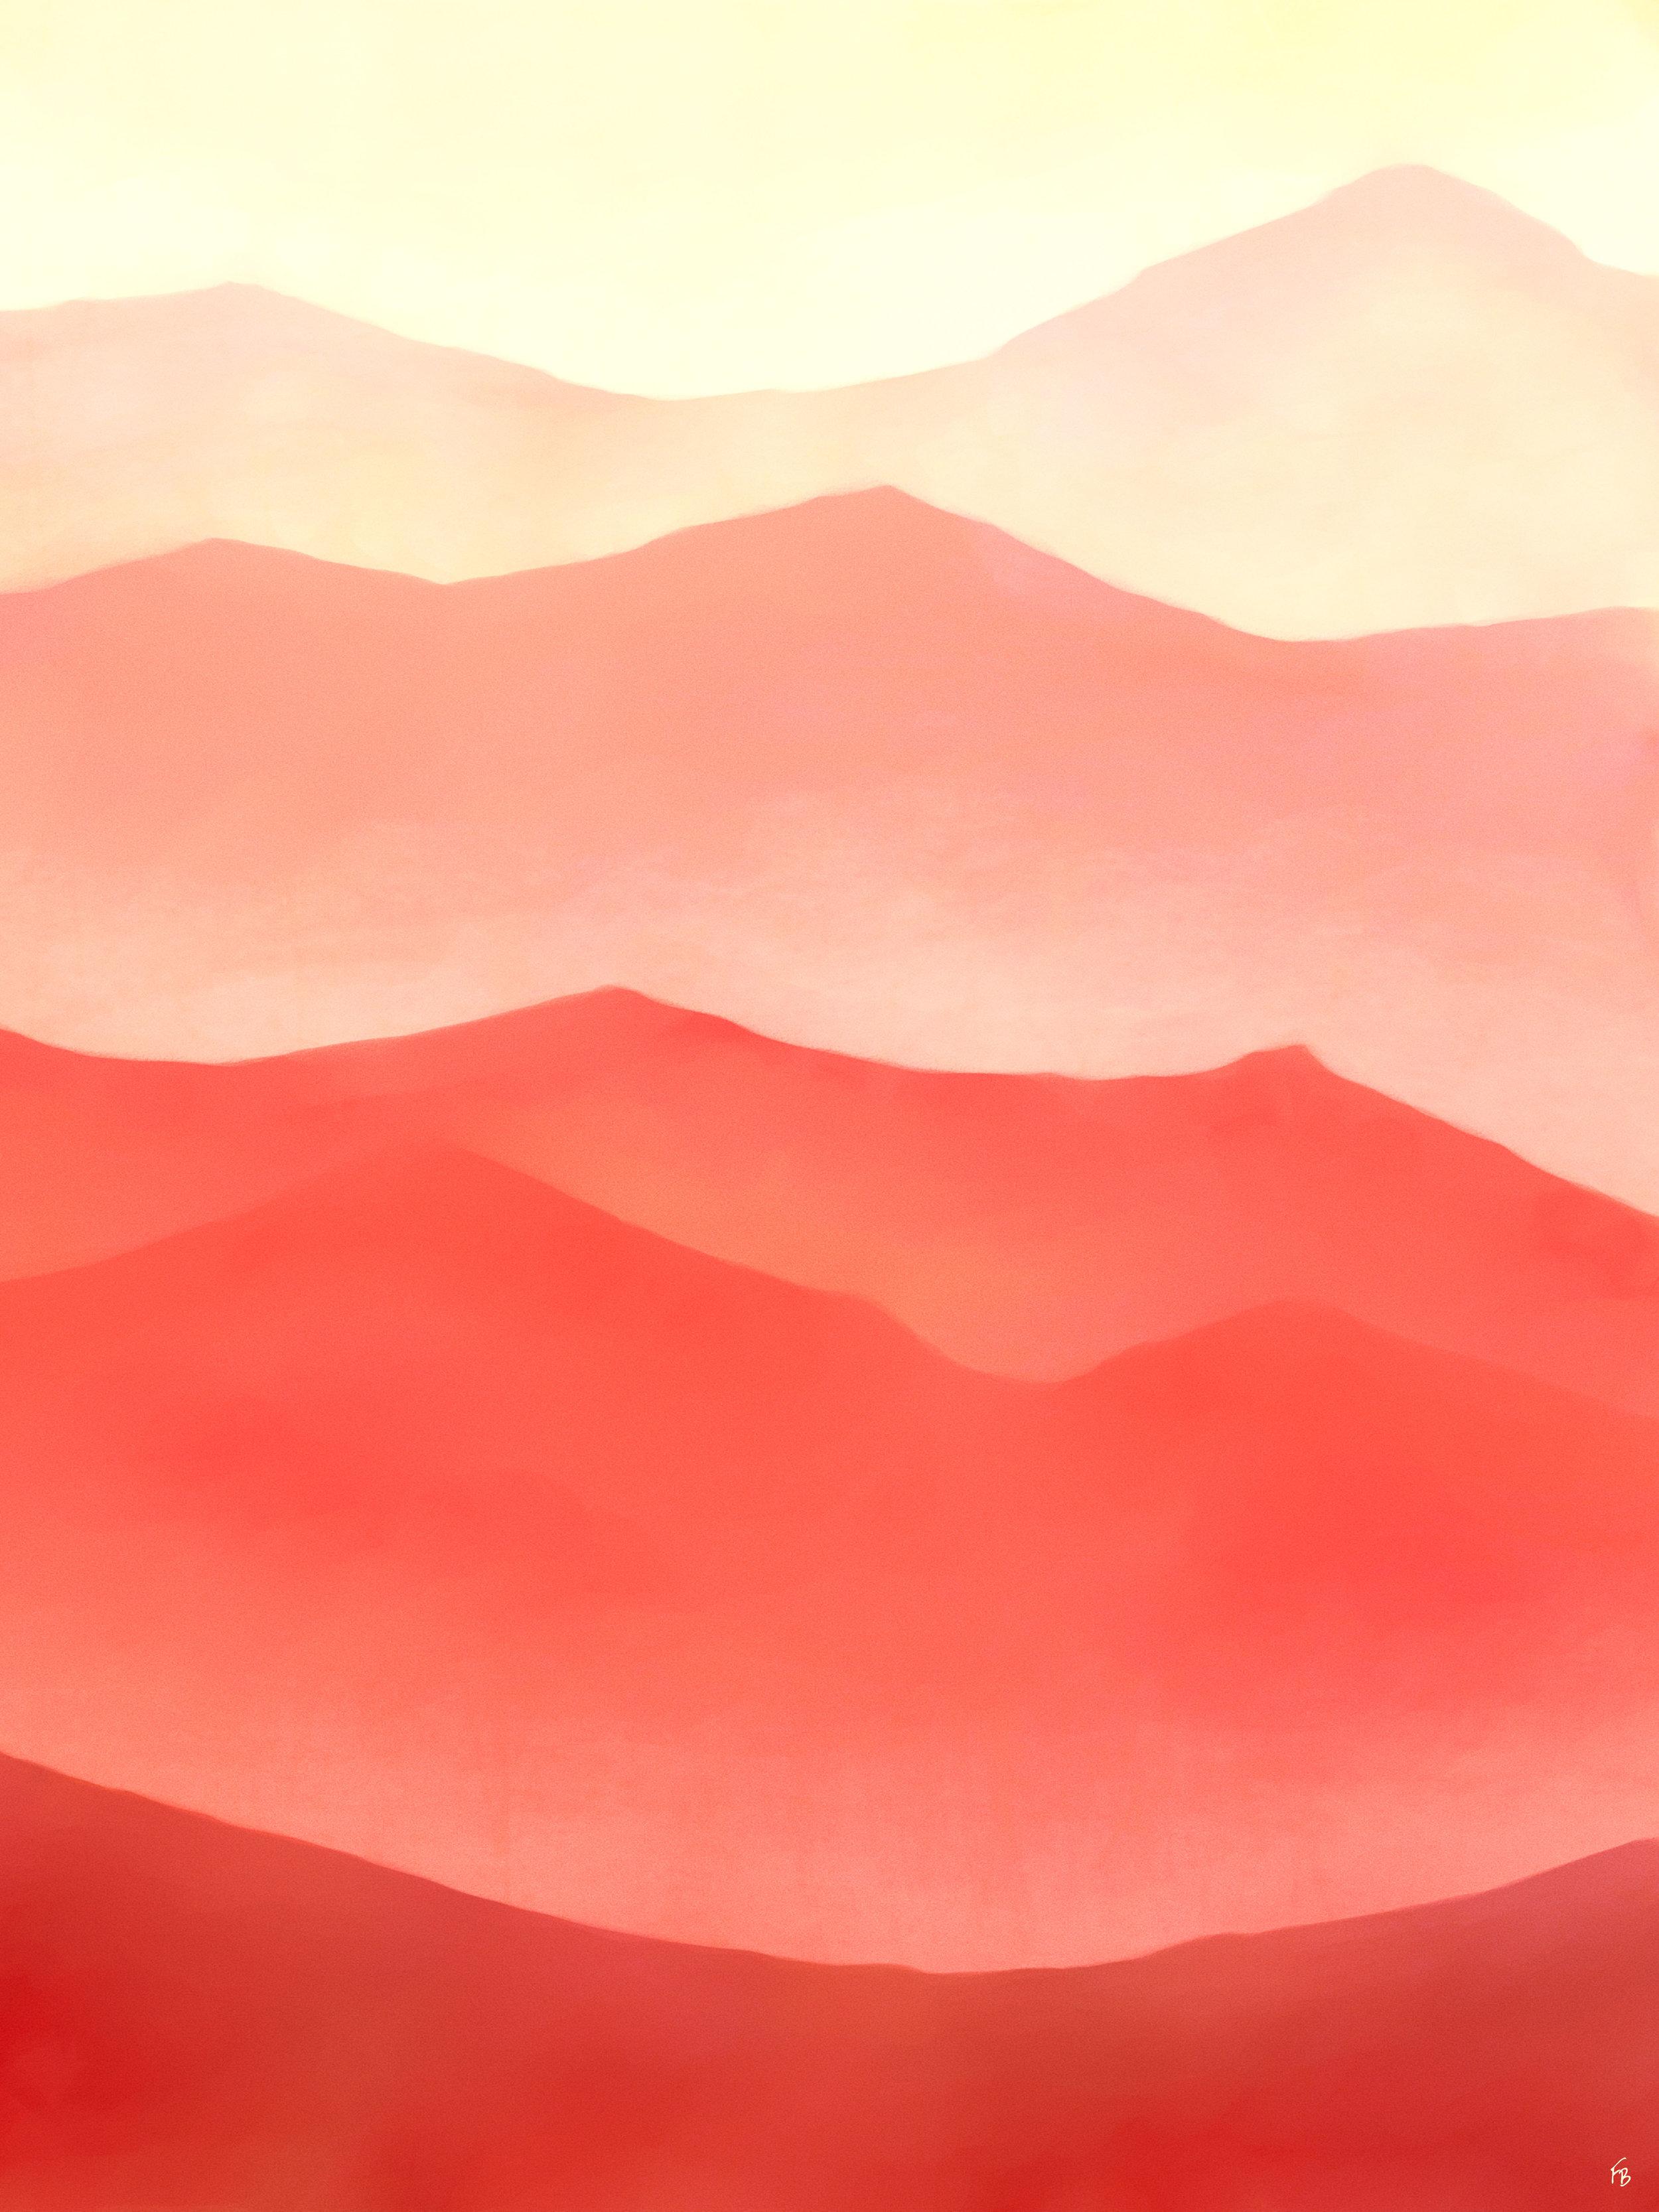 Orange slopes